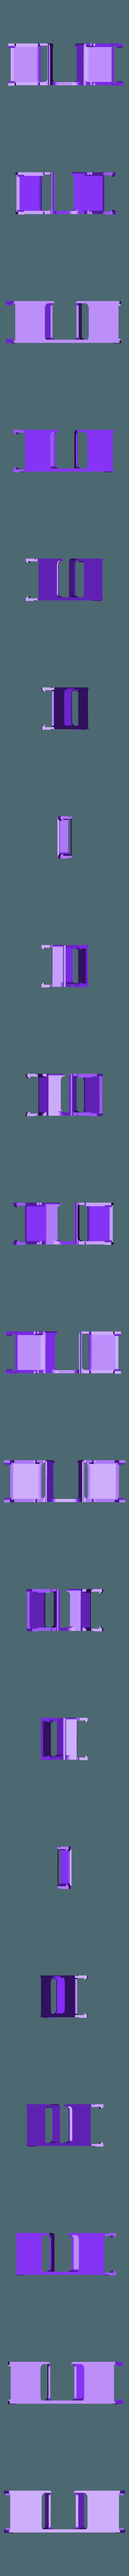 CB_Cooling_Fans_Adaptor_For_Barts_Hotend_MKIII.STL Télécharger fichier STL gratuit Adaptateur de ventilateur Craftbot pour la mise à niveau du hotend de Barts • Plan pour impression 3D, VforVosh